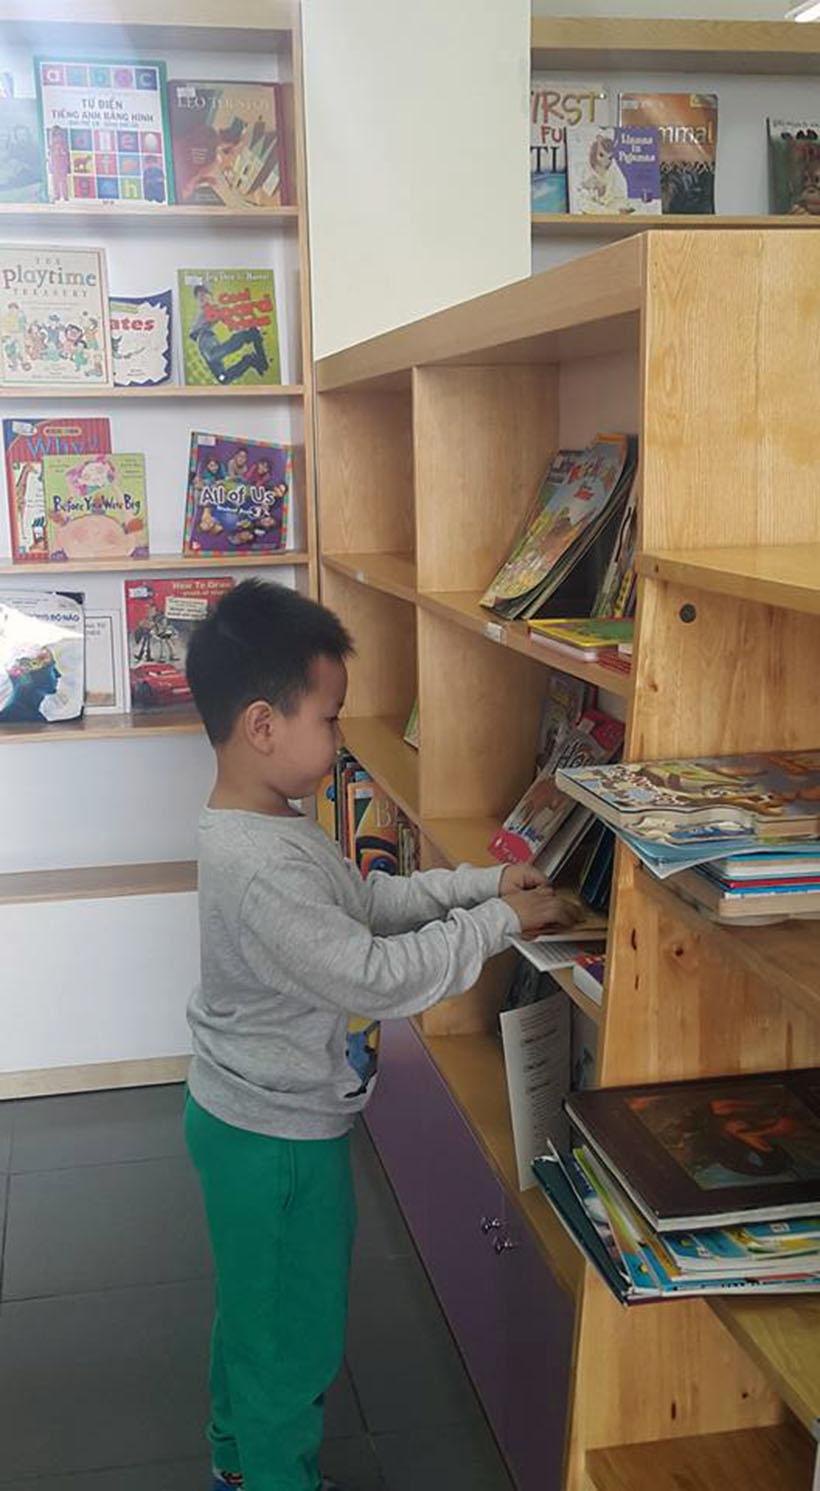 Tao cho tre thoi quen doc sach 6 tạo cho trẻ thói quen đọc sách ngay từ nhỏ